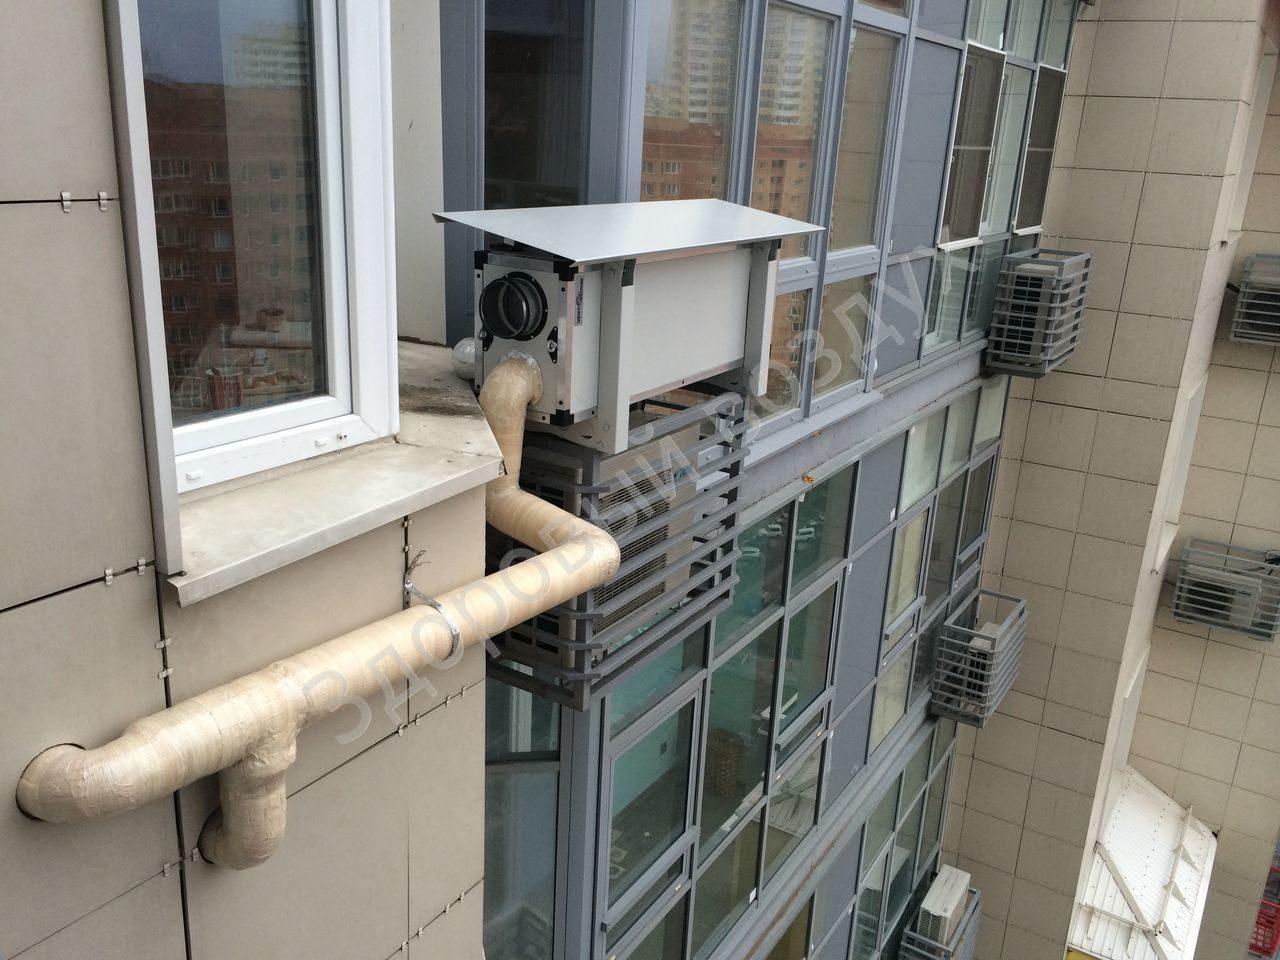 Приточная вентиляция в квартире с фильтрацией и механическим приводом